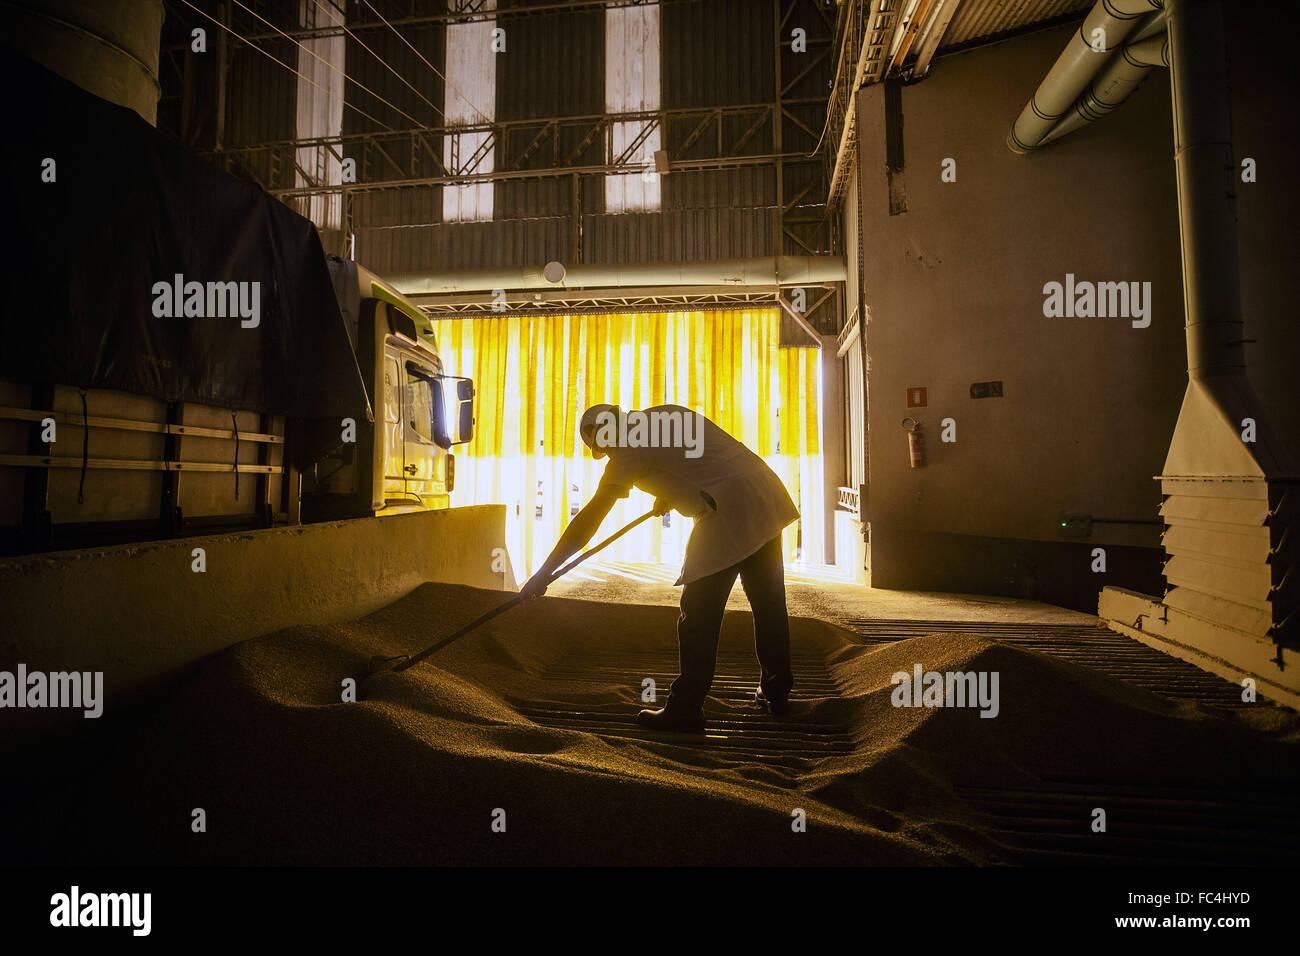 Vue de l'intérieur et de l'industrie de l'usine de farine Photo Stock